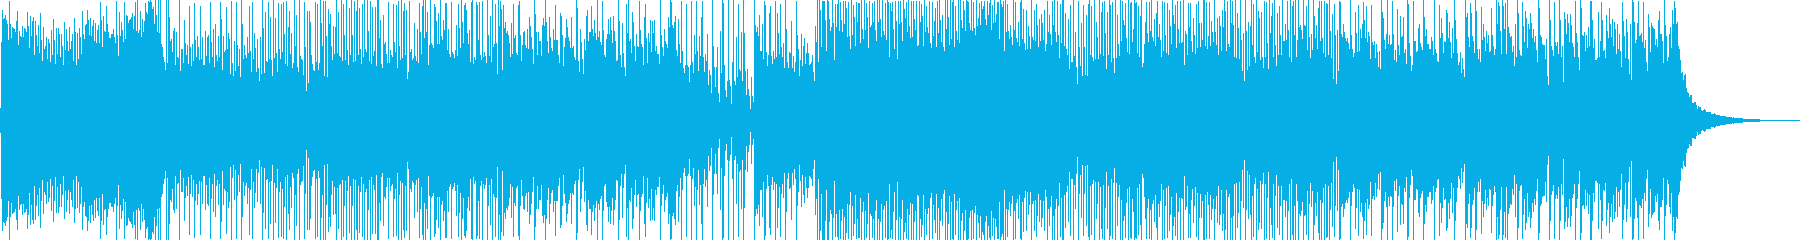 クールで近未来 EDM和風ダブステップ2の再生済みの波形